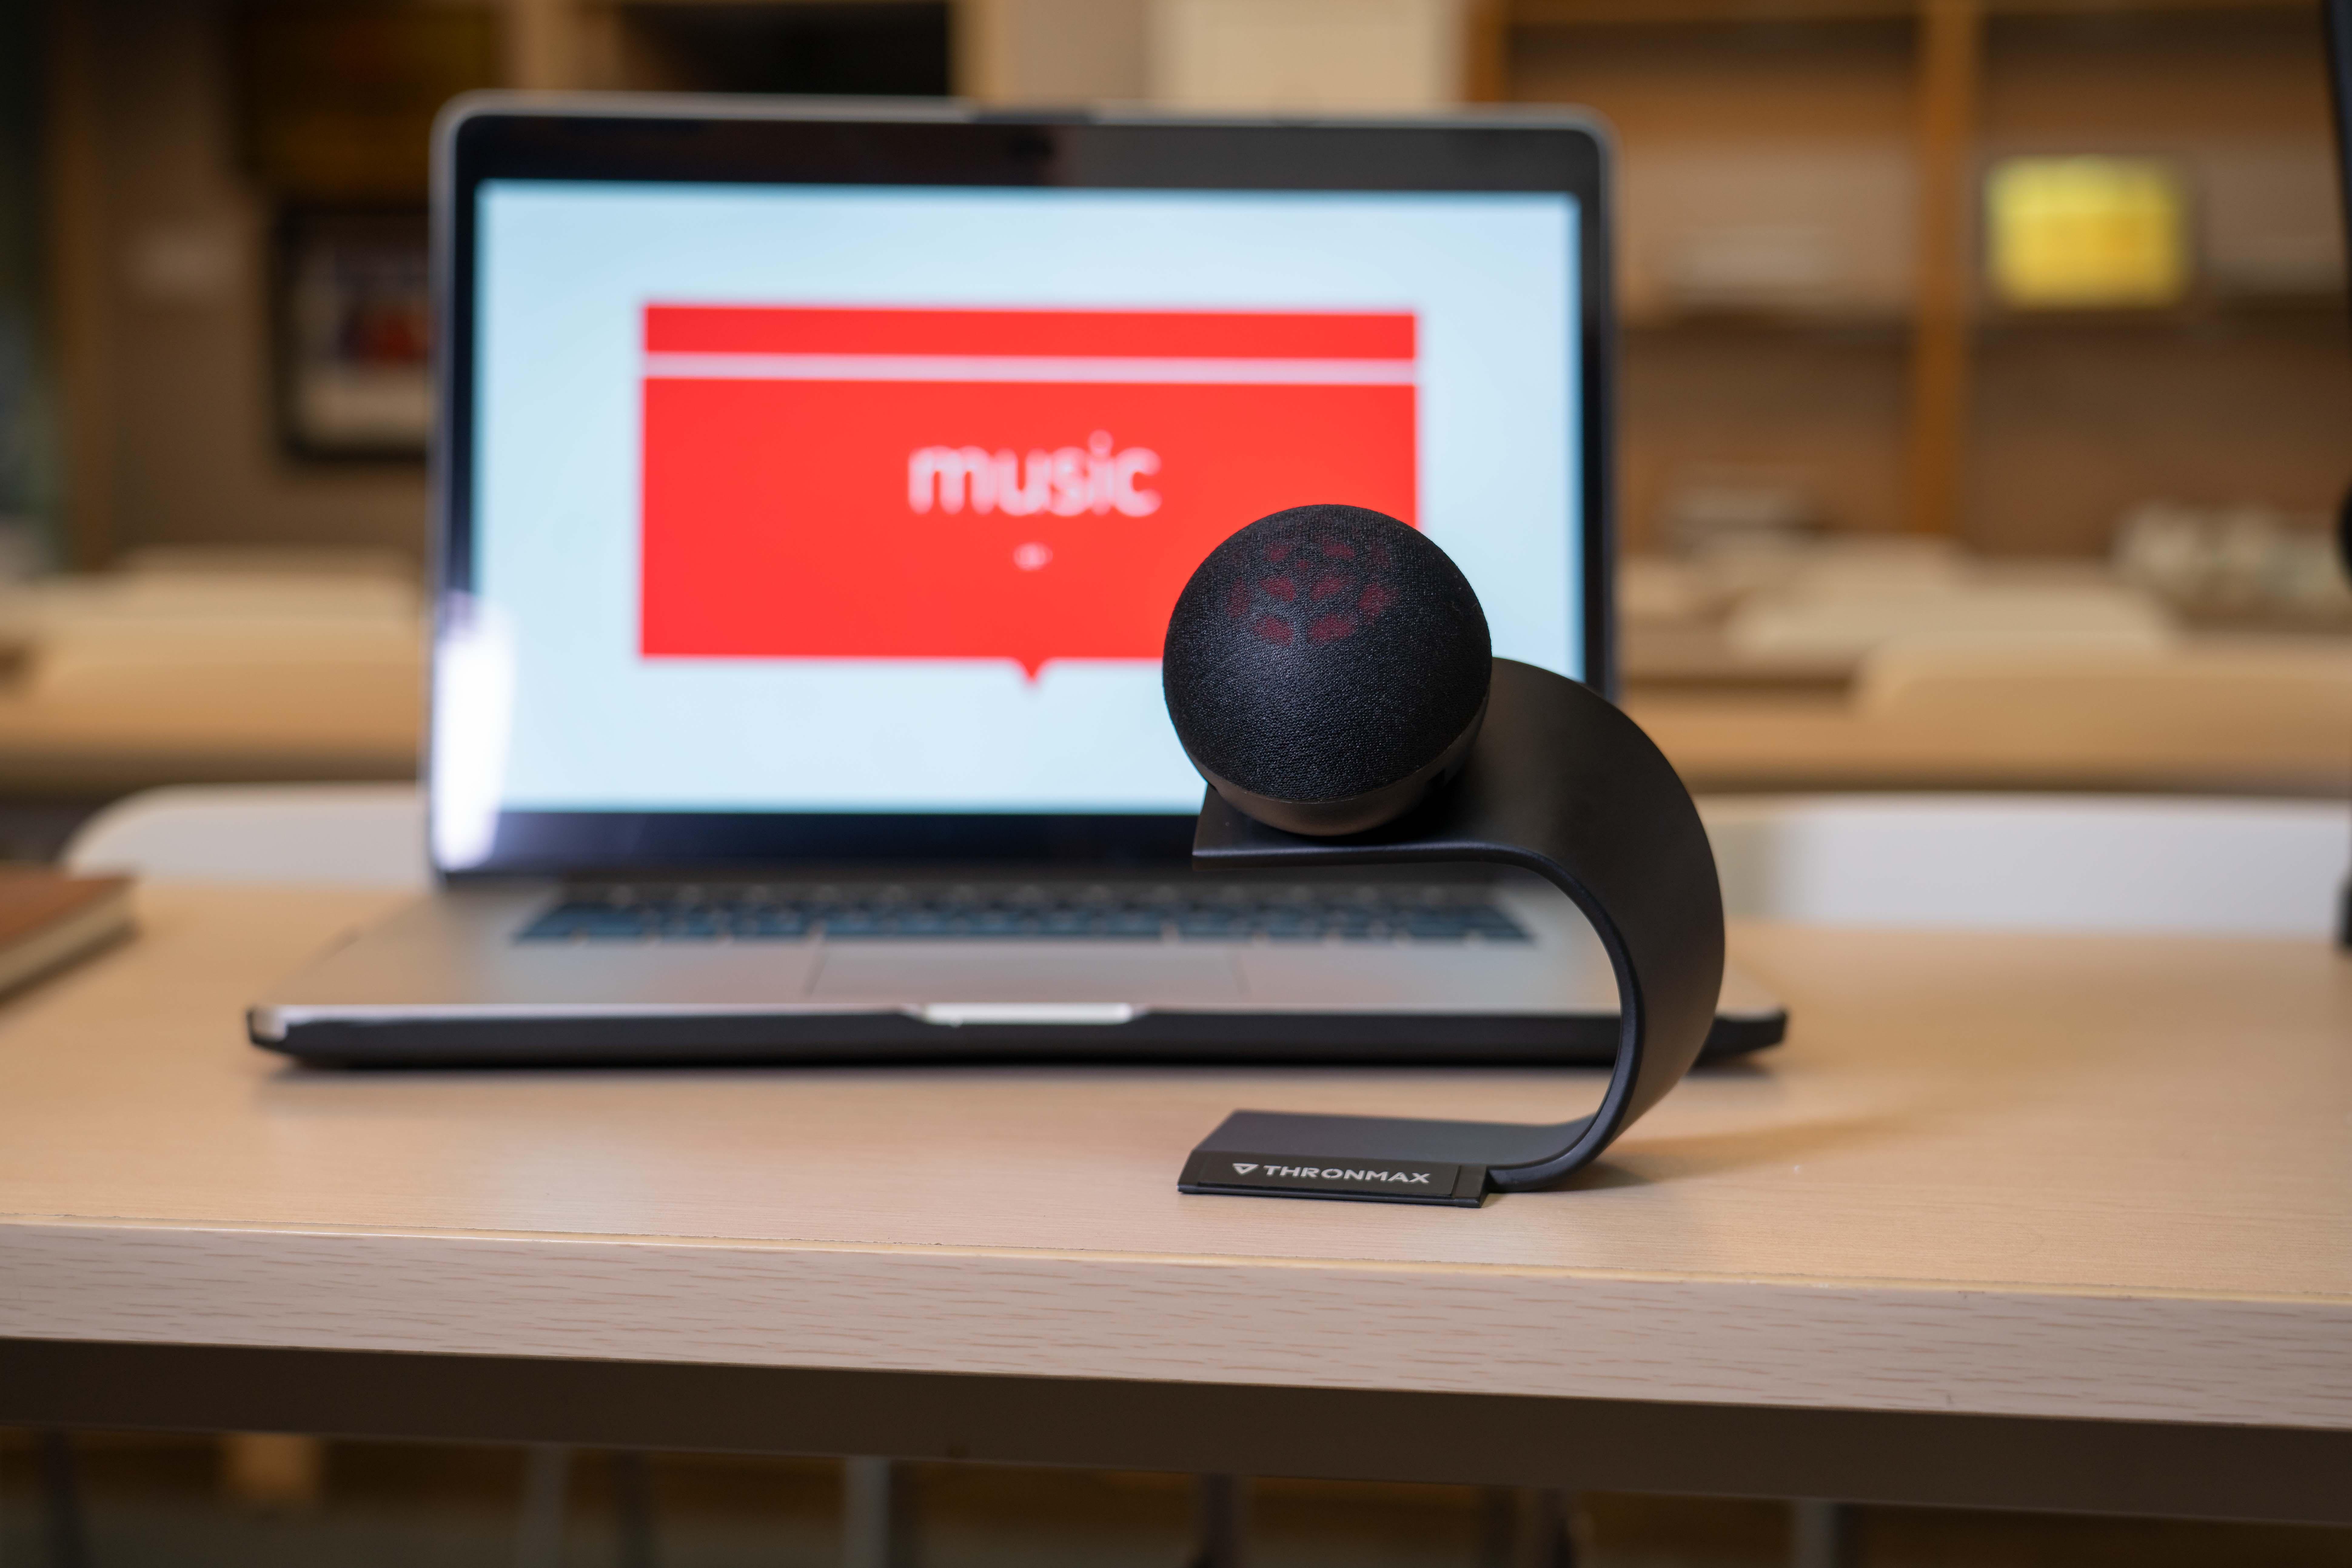 Microphone Thronmax Fireball M9 Hàng Chính Hãng